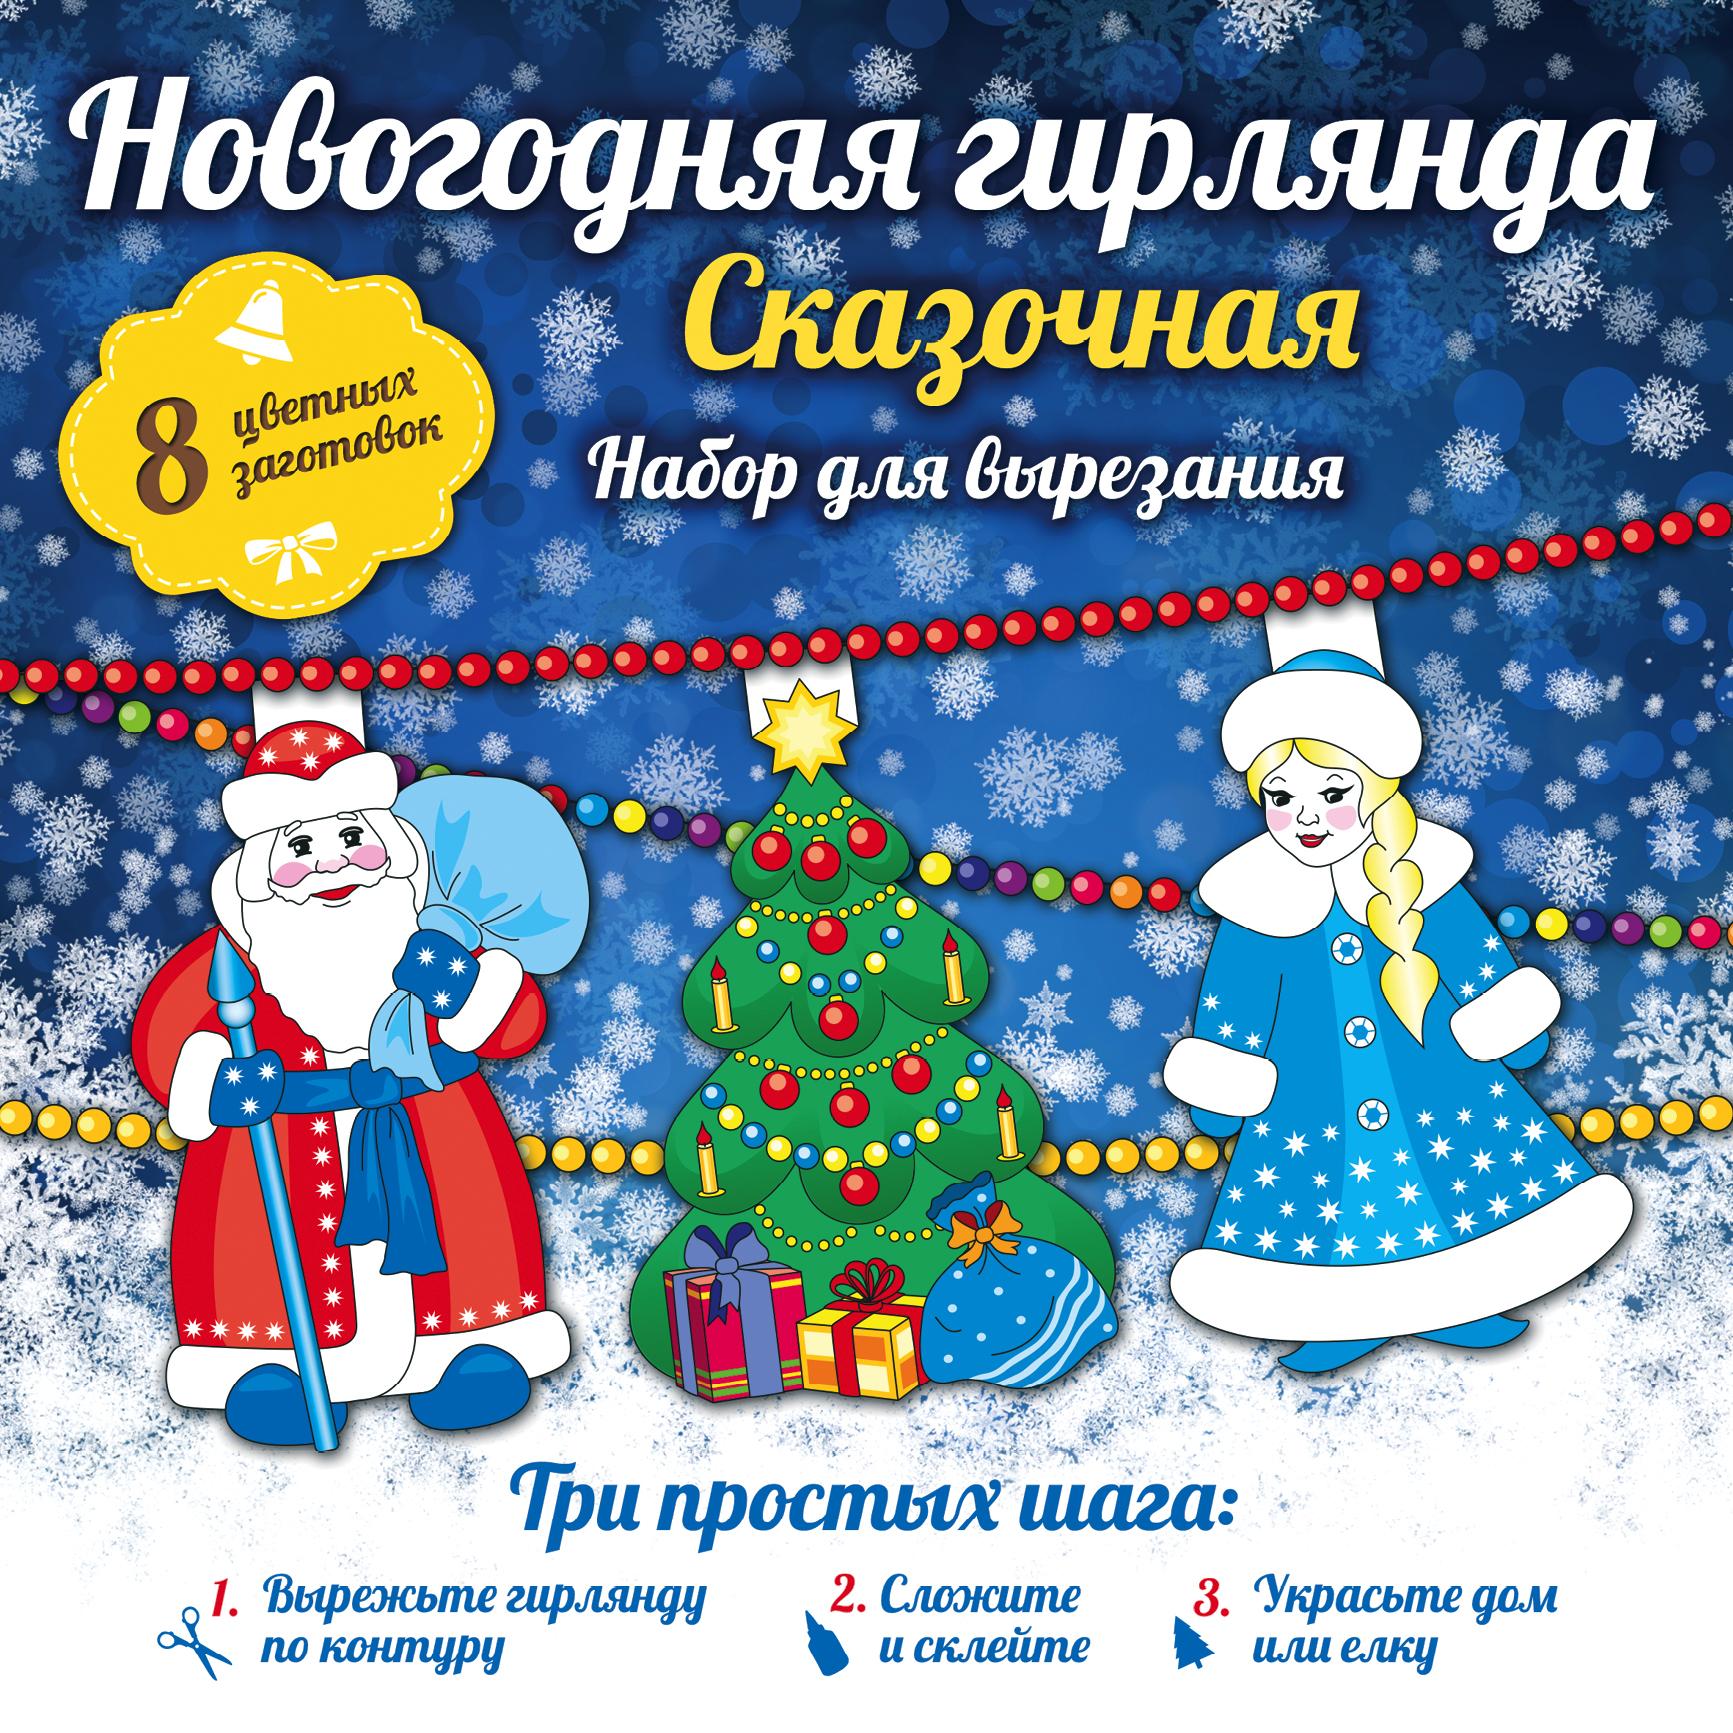 Зайцева А.А. Новогодняя гирлянда: Сказочная